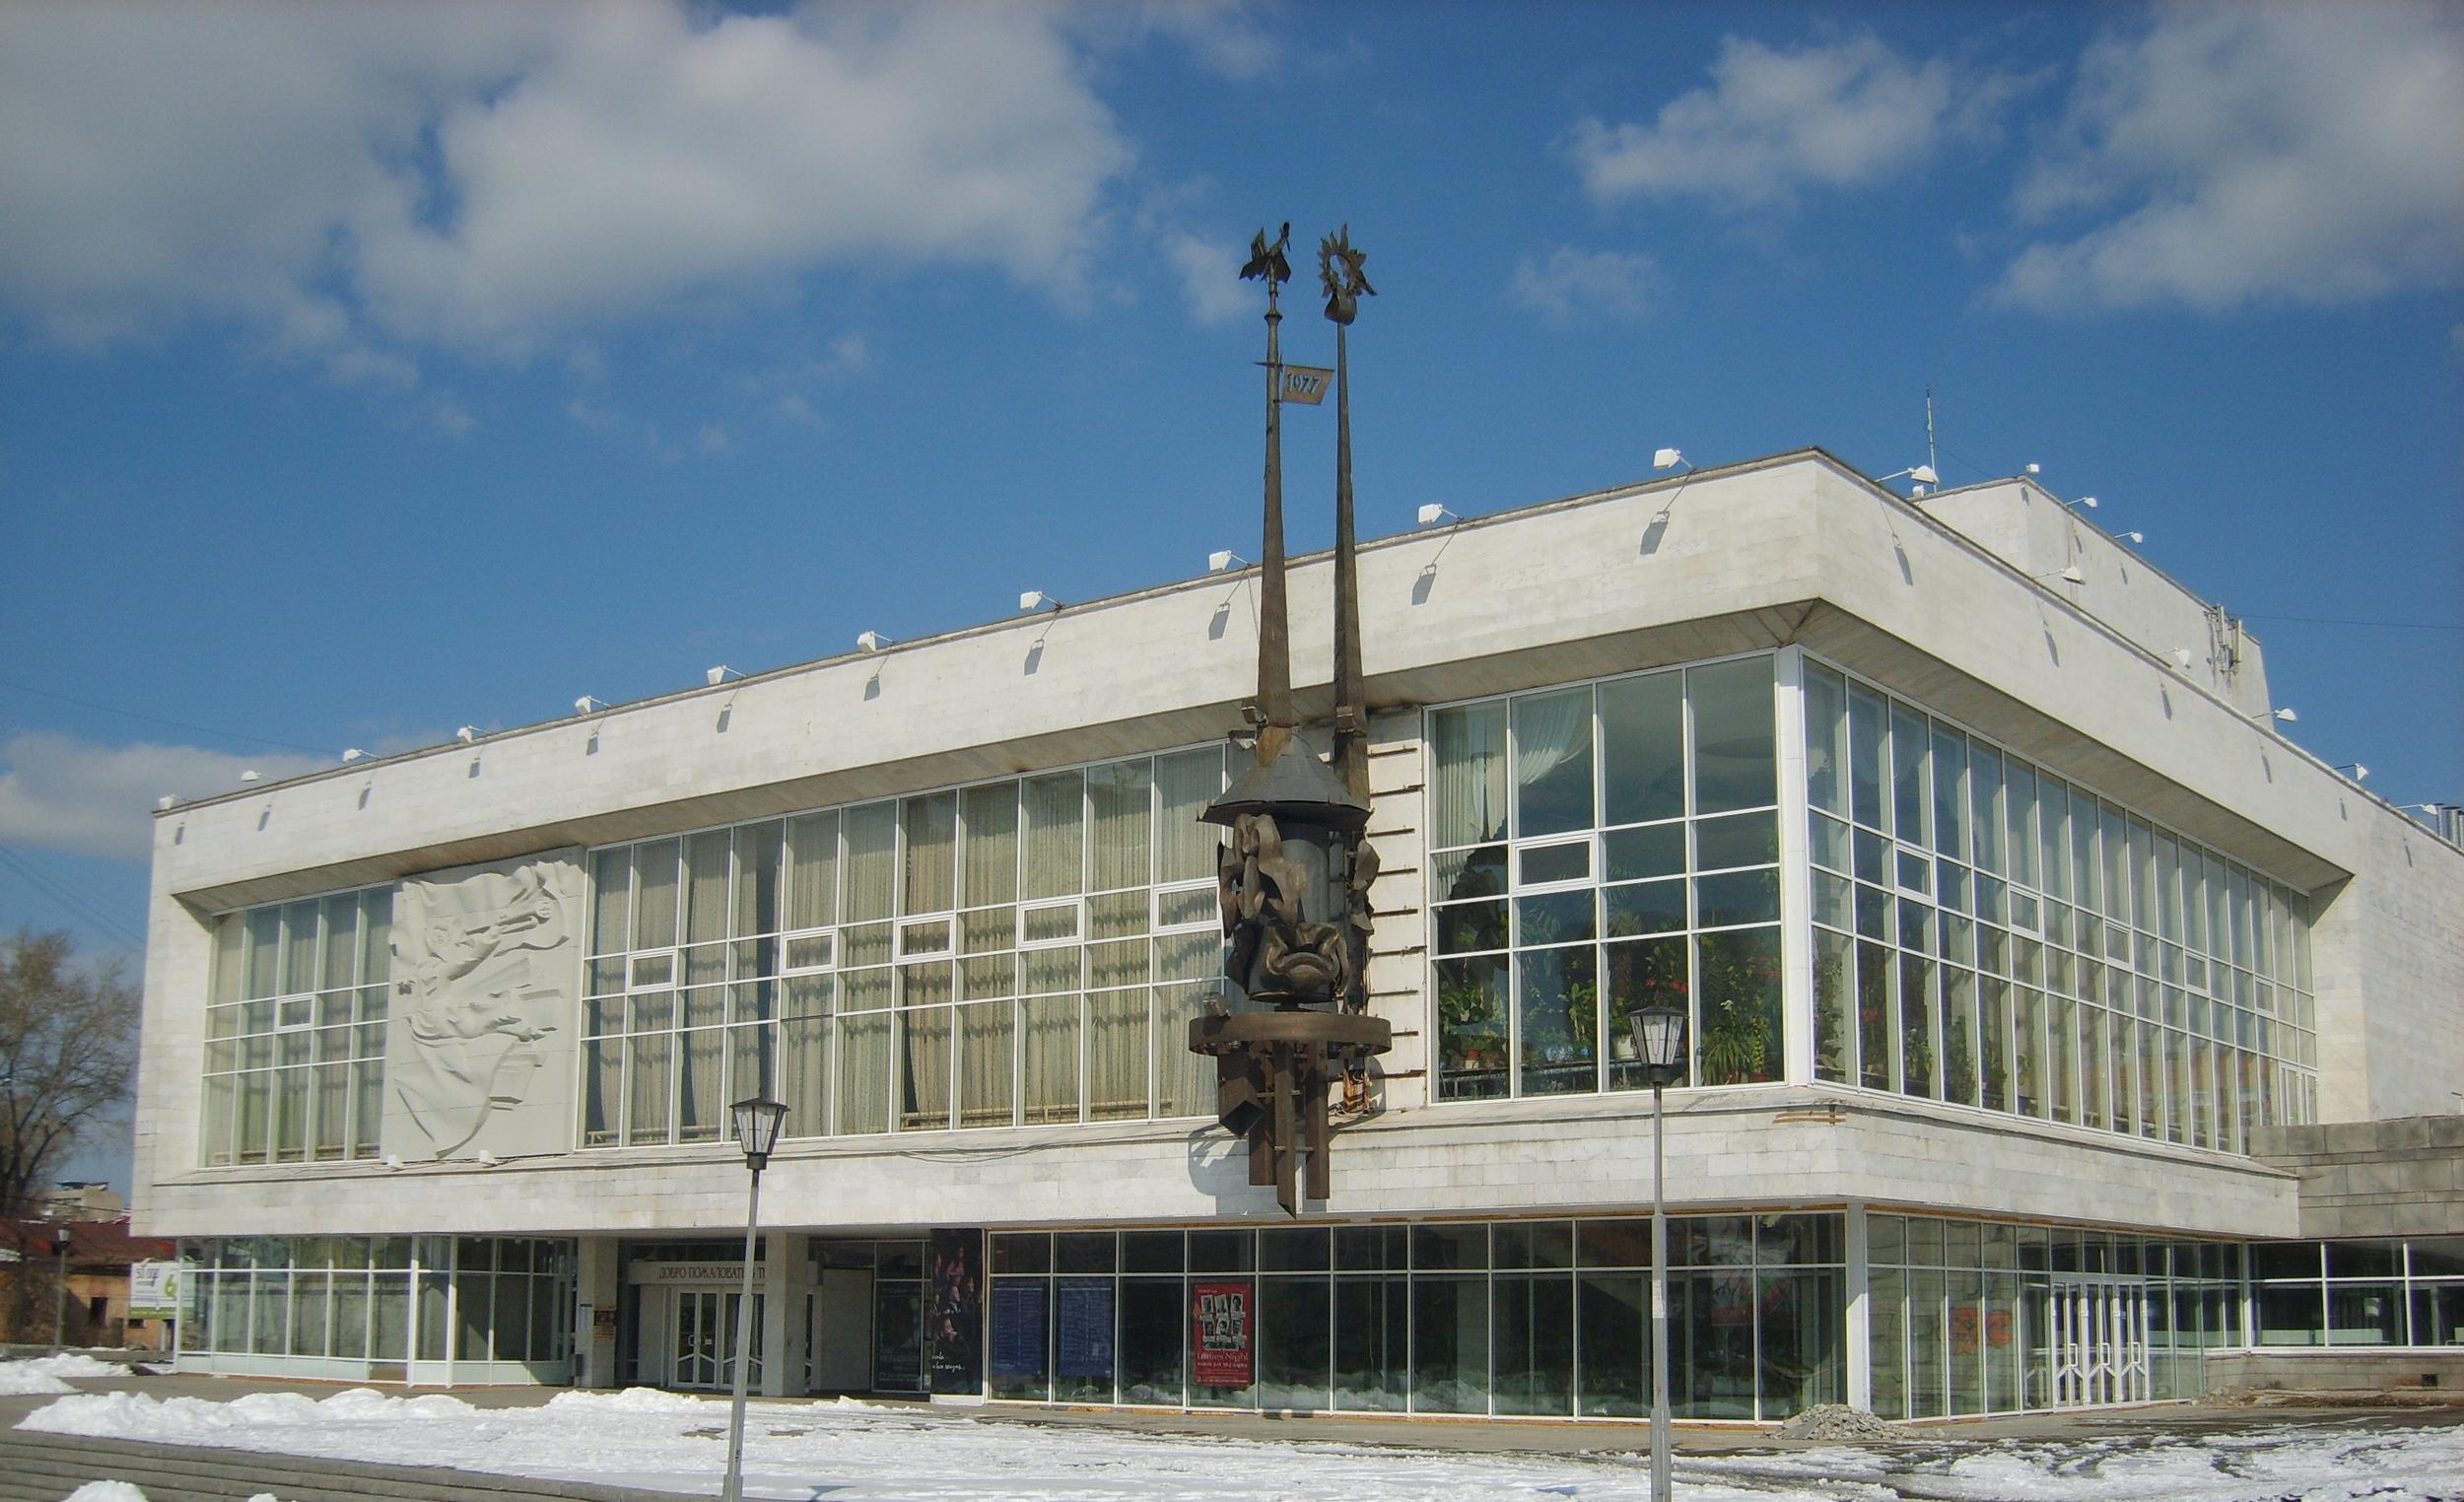 Театры екатеринбурга афиша на 28 что сегодня в кино нальчик афиша